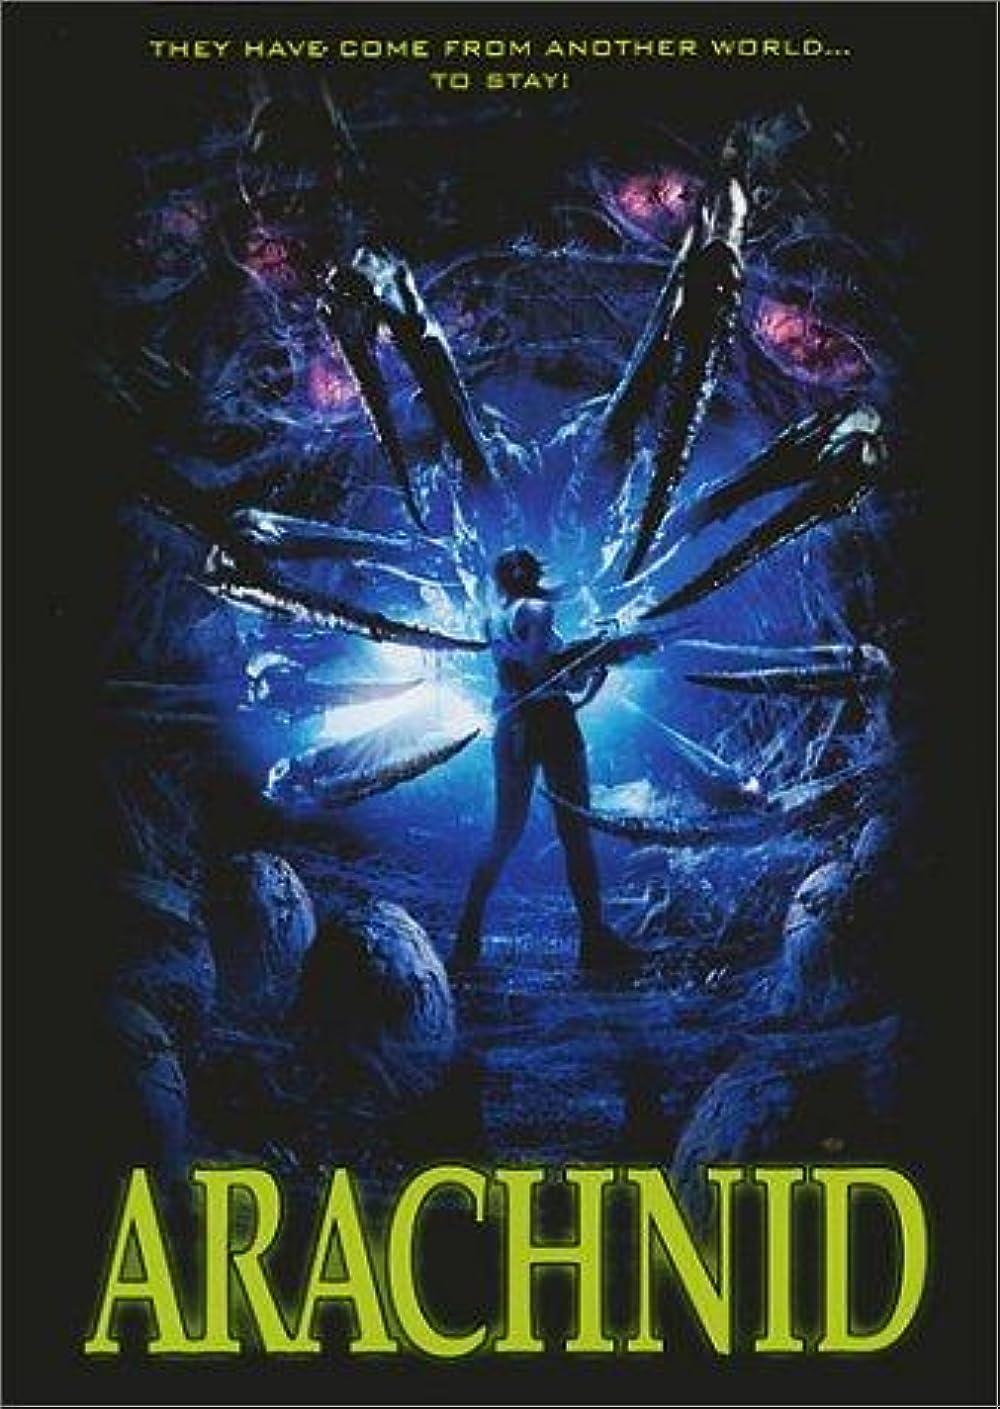 Arachnid 2001 Imdb